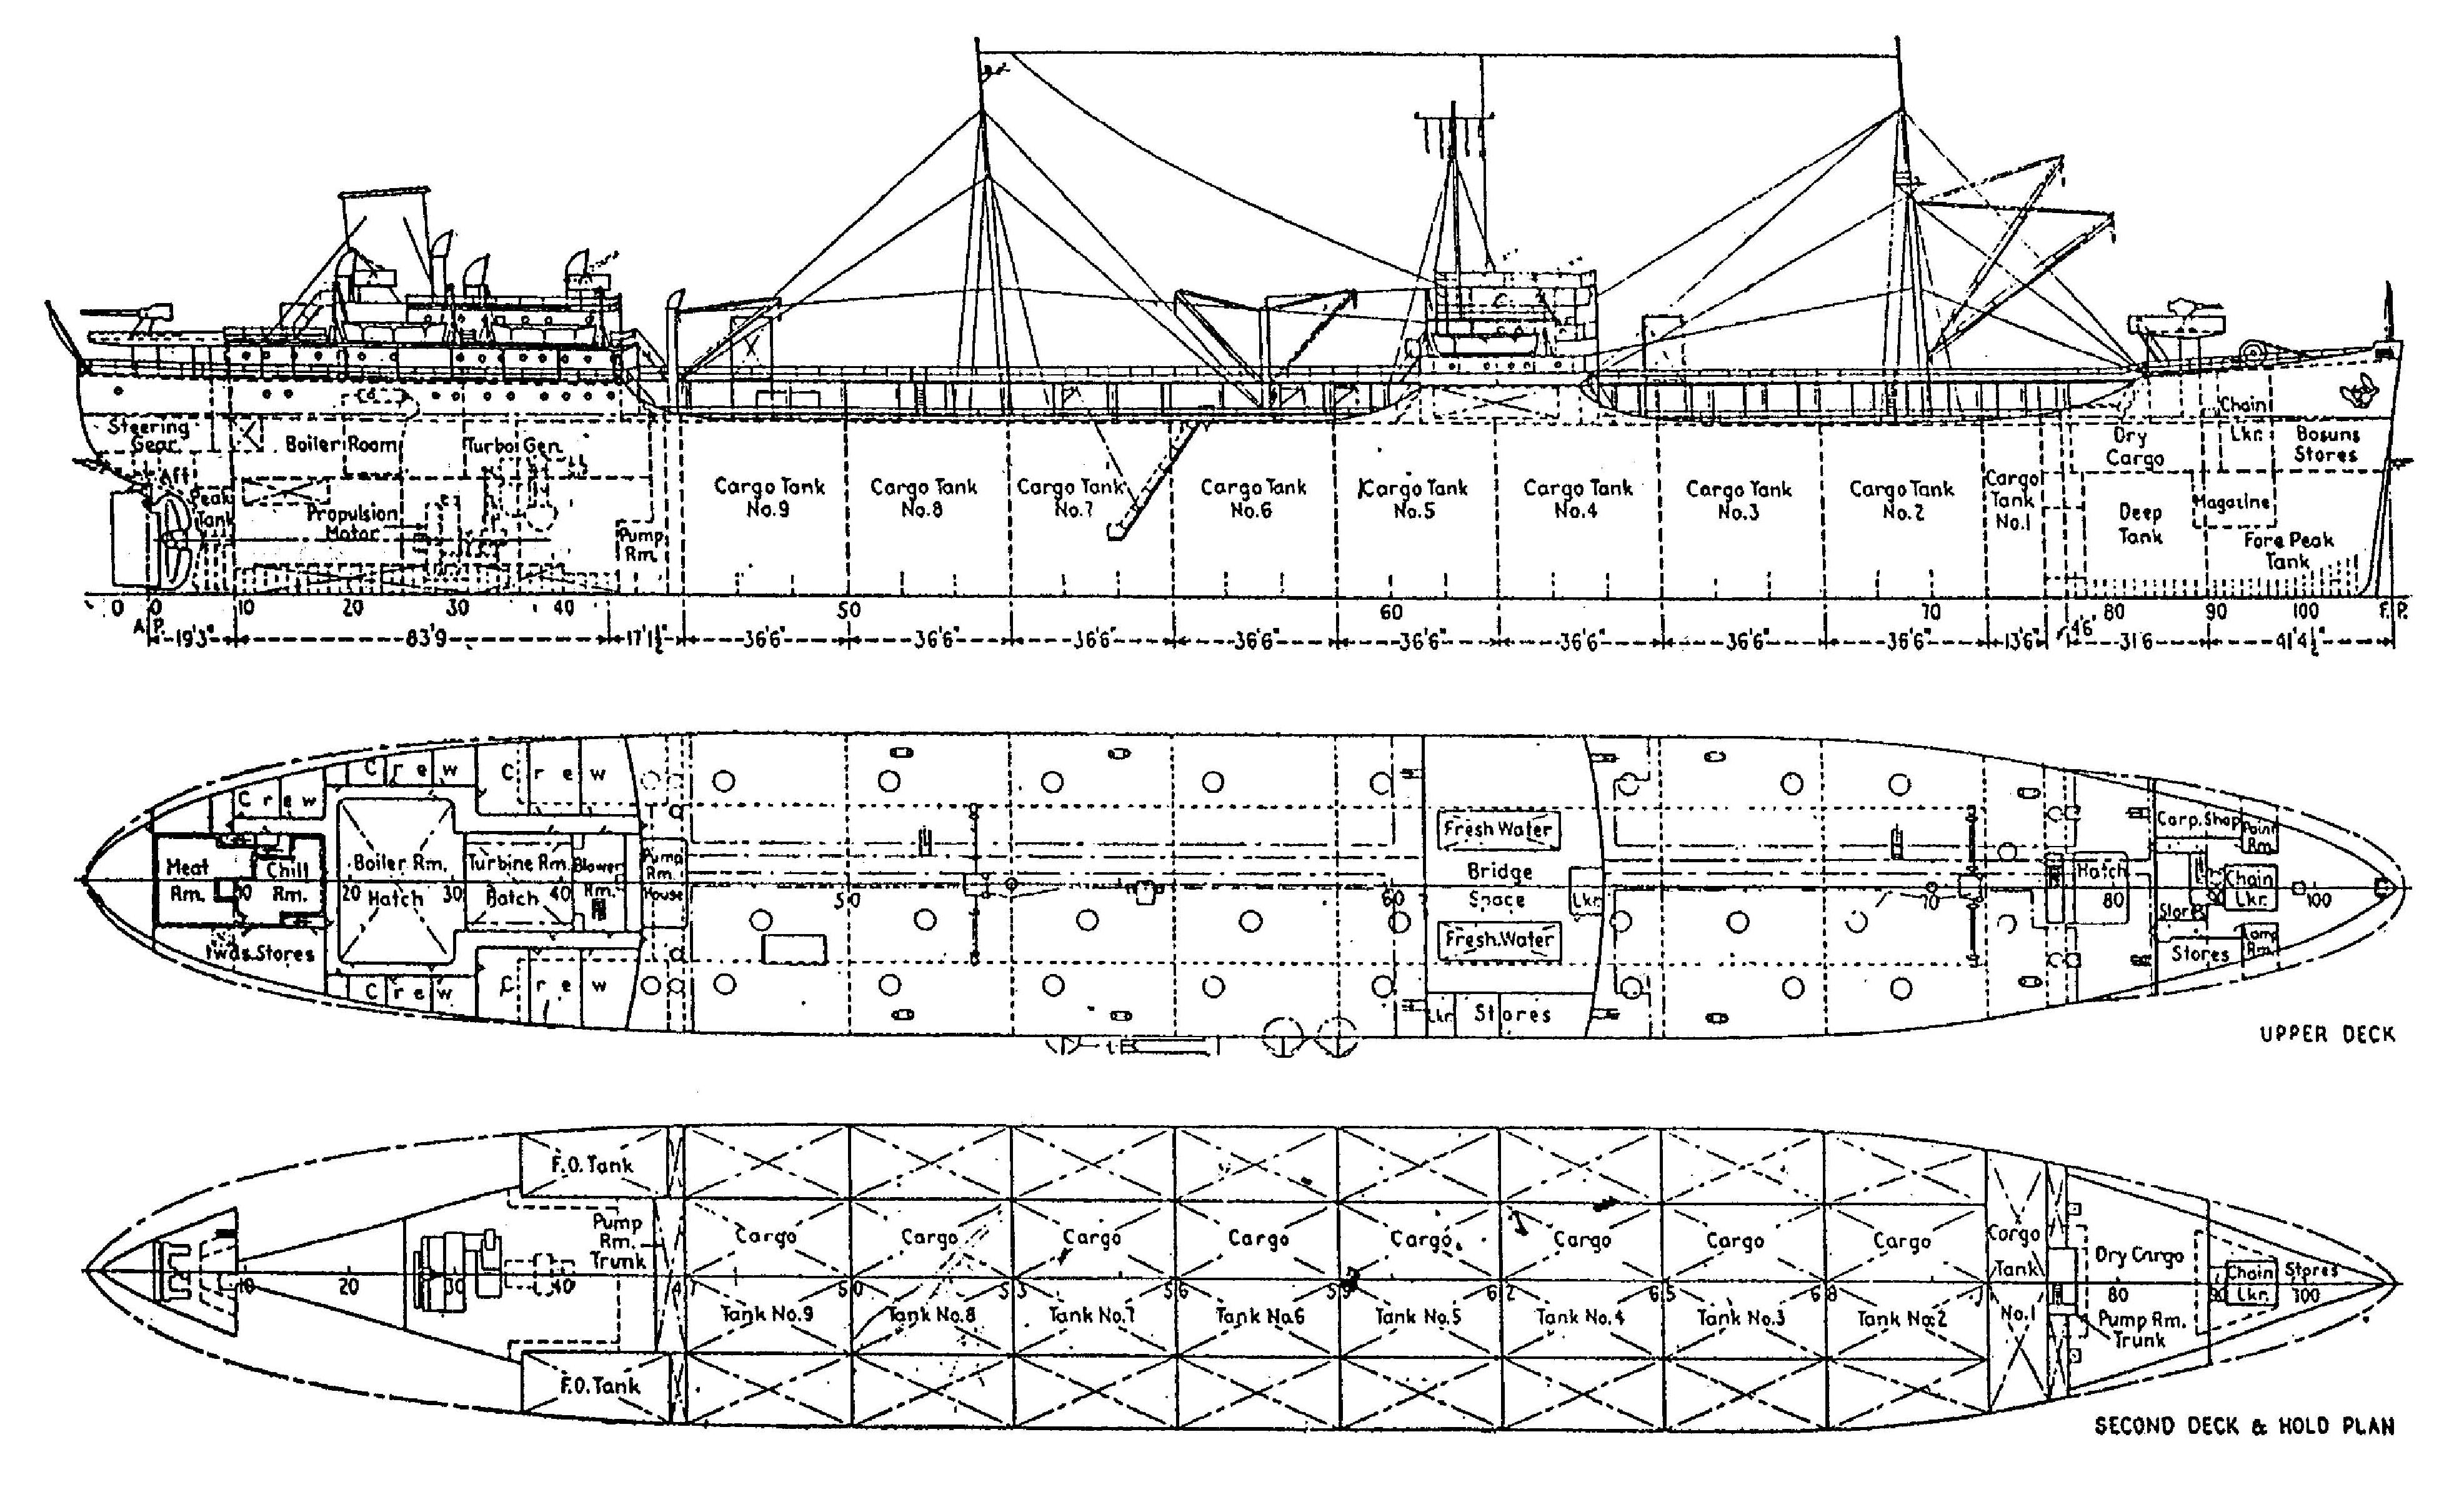 Les Grandes Mutations De La Marine Marchande Francaise 1945 1995 Volume Ii Annexe 2 Plan D Un Liberty Ship Et D Un Petrolier Type T2 Institut De La Gestion Publique Et Du Developpement Economique